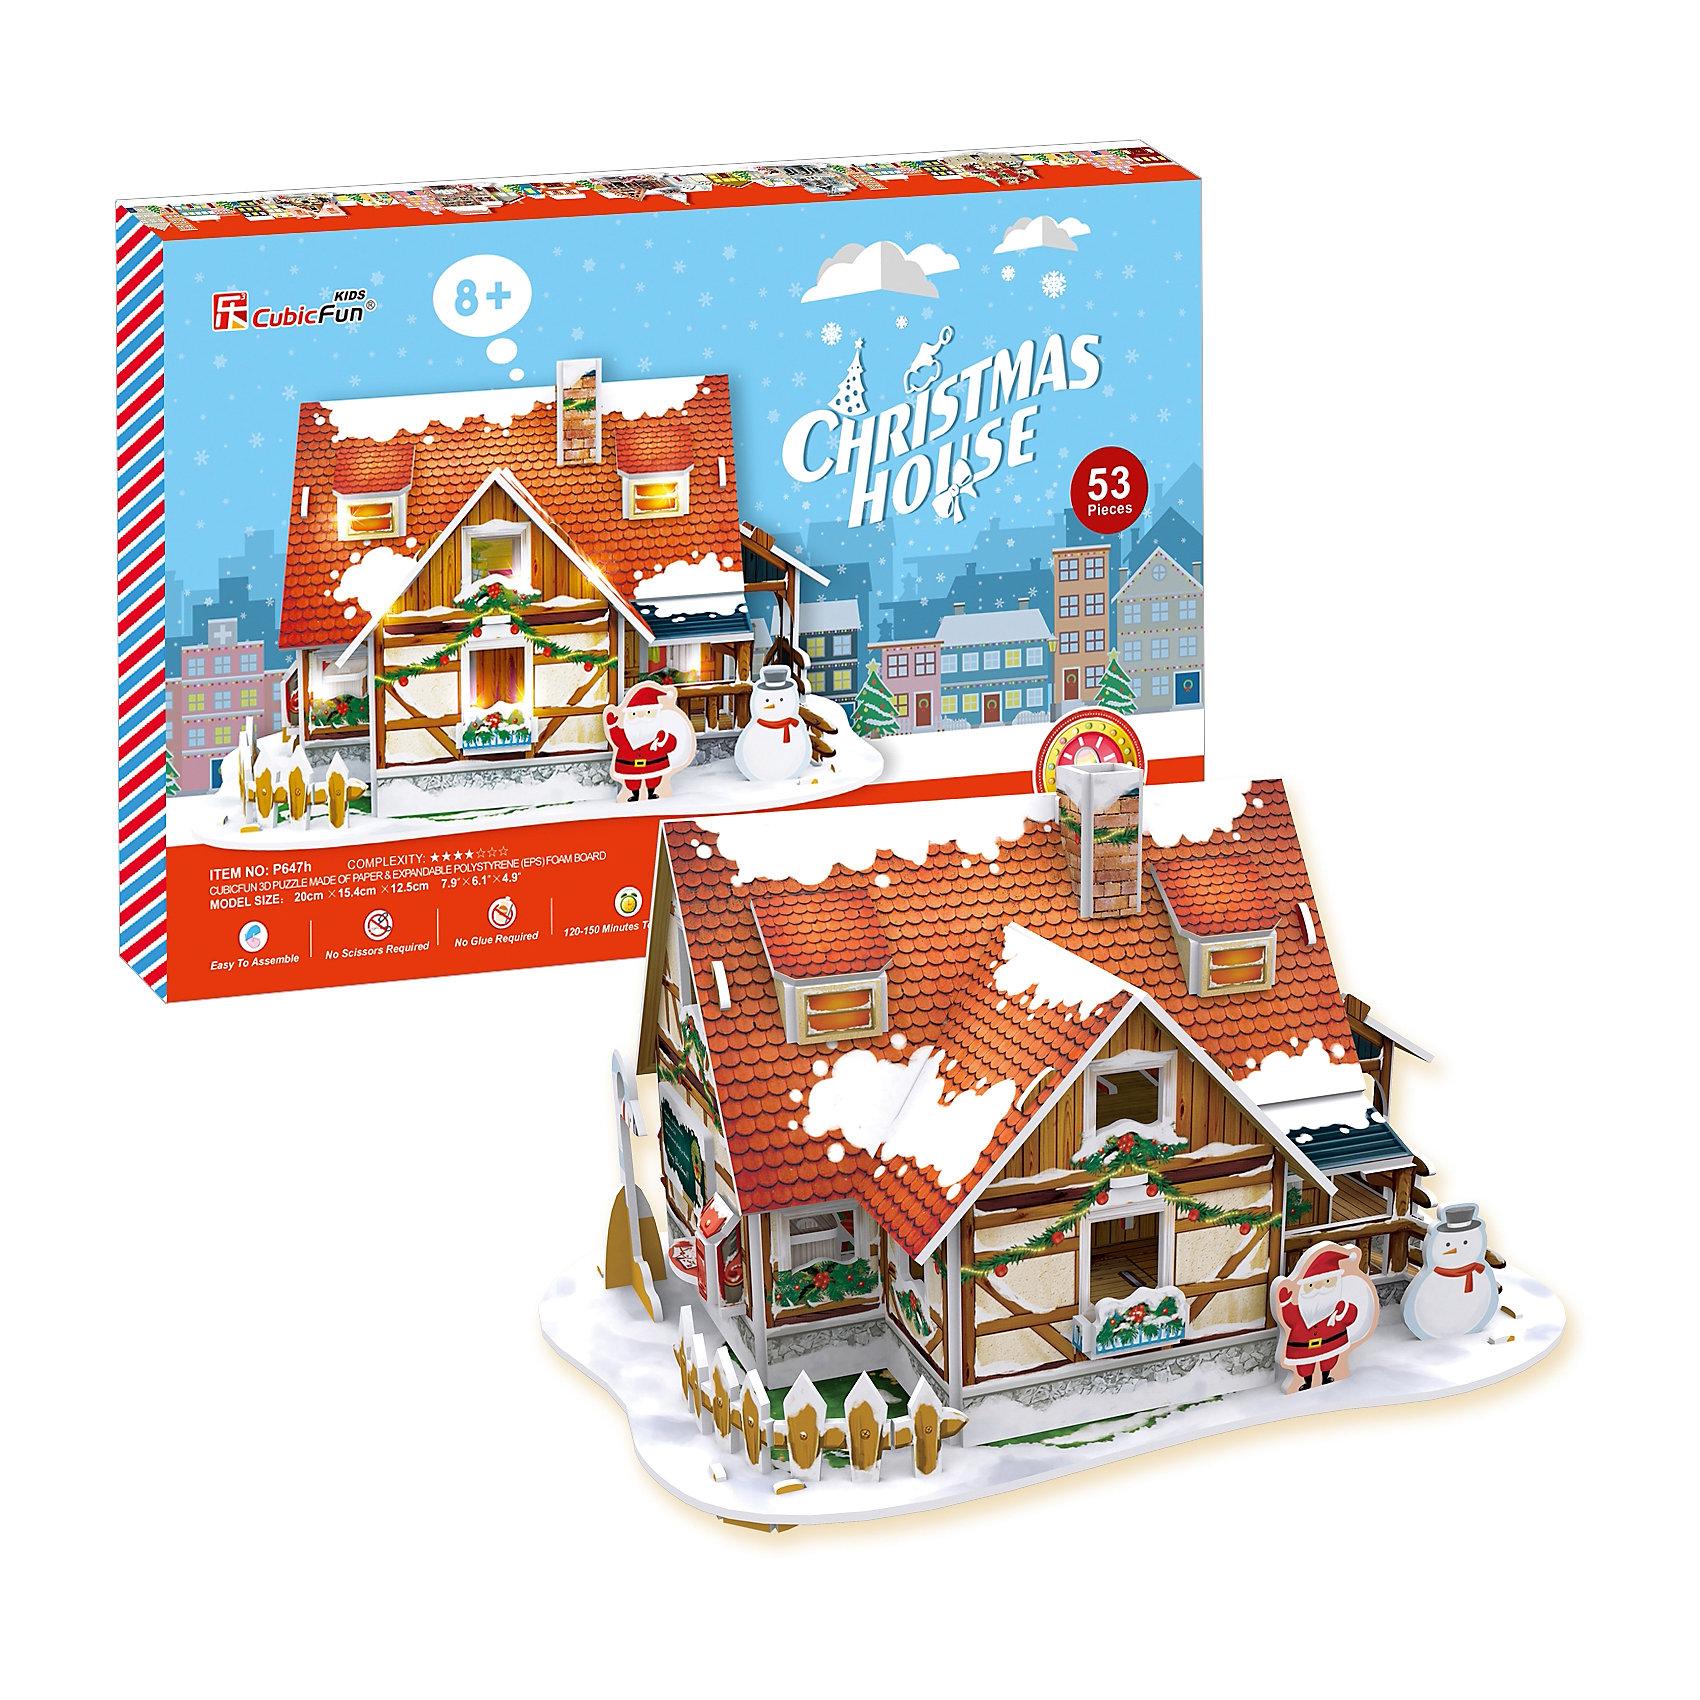 Рождественский домик 1, с подсветкой, CubicFun3D пазлы<br>Сказочный рождественский домик  ребенок может смастерить самостоятельно без клея и ножниц.  Детали легко и просто выдавливаются из картона и соединяются между собой с помощью специальных соединительных приспособлений. Этот домик украсит любую детскую комнату. С ним можно играть или просто поставить на полку и любоваться яркой и красивой поделкой. Игрушка помогает в развитии логики и творческих способностей ребенка, помогает в формировании мышления, речи, внимания, восприятия и воображения; развивает моторику рук; расширяет кругозор ребенка и стимулирует к познанию новой информации.<br><br>Дополнительная информация:<br><br>- Материал: ламинированный поликартон.<br>- Комплектация: детали пазла, инструкция, база со светодиодами.<br>- Элемент питания: 3 ААА батарейки (не входят в комплект).<br>- Размер в собранном виде: 20 х 15,4 х 12,5 см.<br>- Количество деталей: 53 шт.<br>- Обучающая, яркая и реалистичная модель.<br>- Идеально и легко собирается без инструментов.<br>- Увлекательный игровой процесс.<br><br>Рождественский домик 1, с подсветкой, CubicFun, можно купить в нашем магазине.<br><br>Ширина мм: 340<br>Глубина мм: 220<br>Высота мм: 25<br>Вес г: 304<br>Возраст от месяцев: 72<br>Возраст до месяцев: 192<br>Пол: Унисекс<br>Возраст: Детский<br>SKU: 4278435